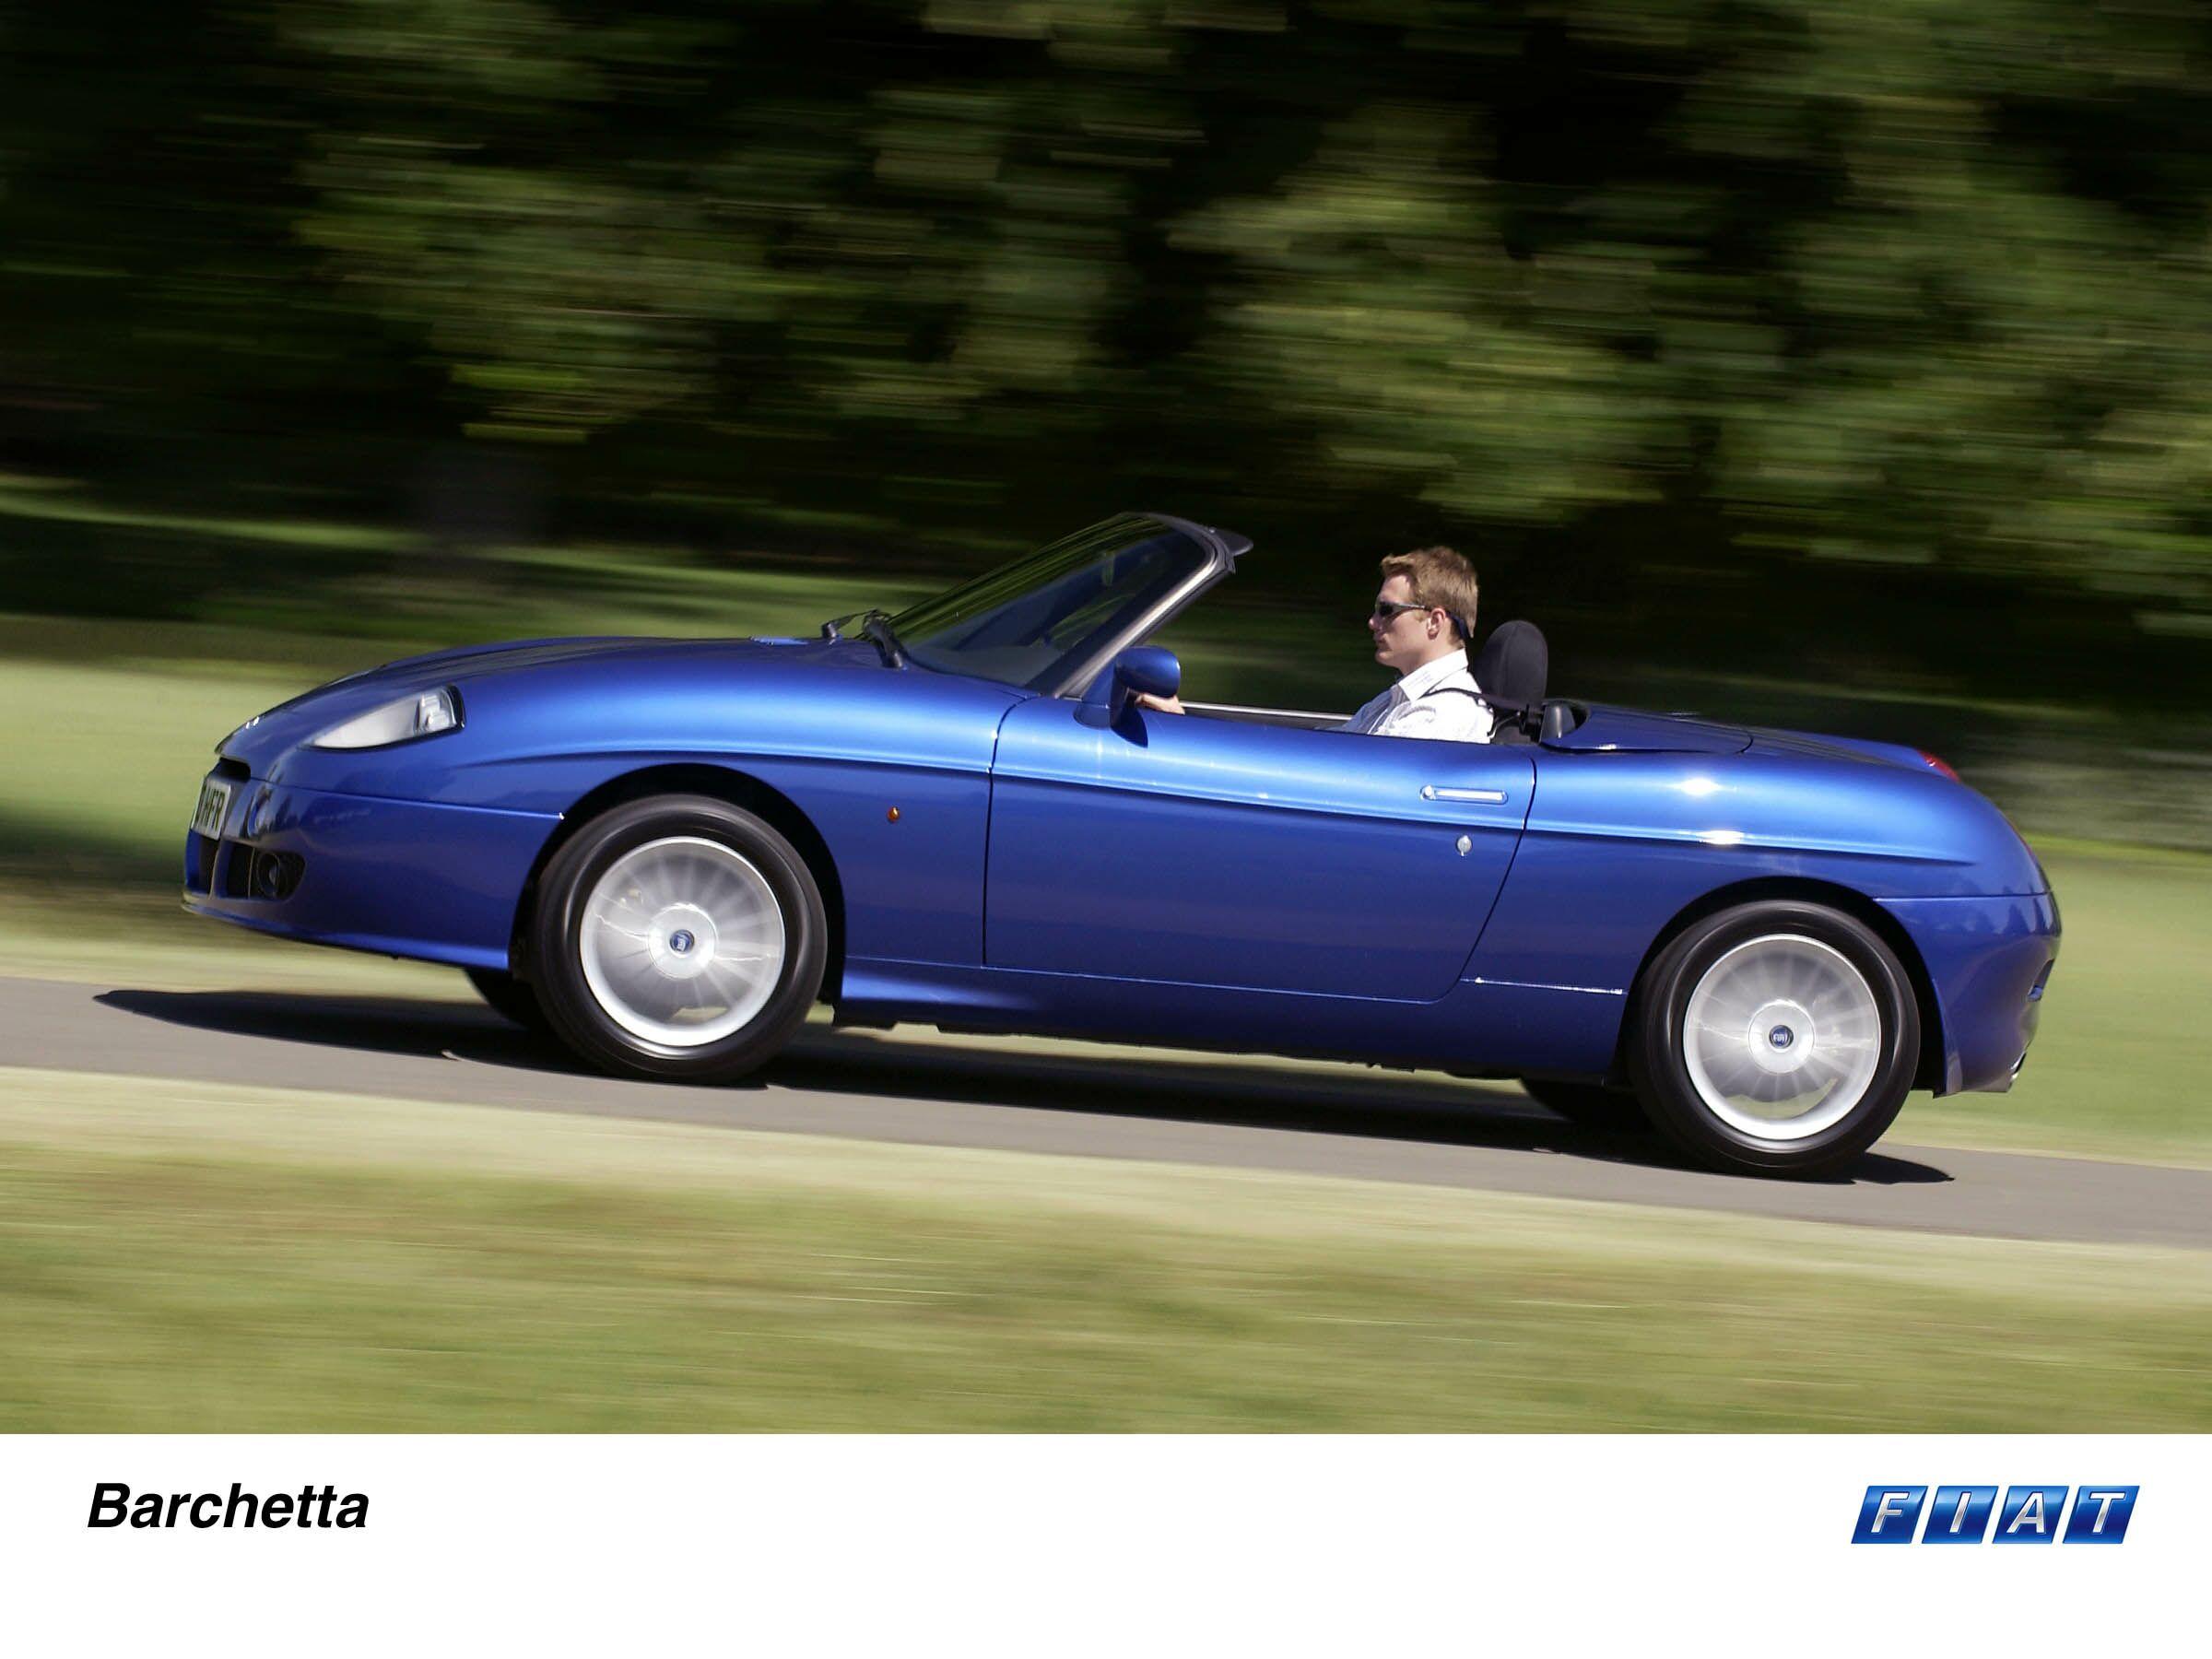 fiat barchetta wallpaper convertible cars brachetta italia wallpaperup cabriolet